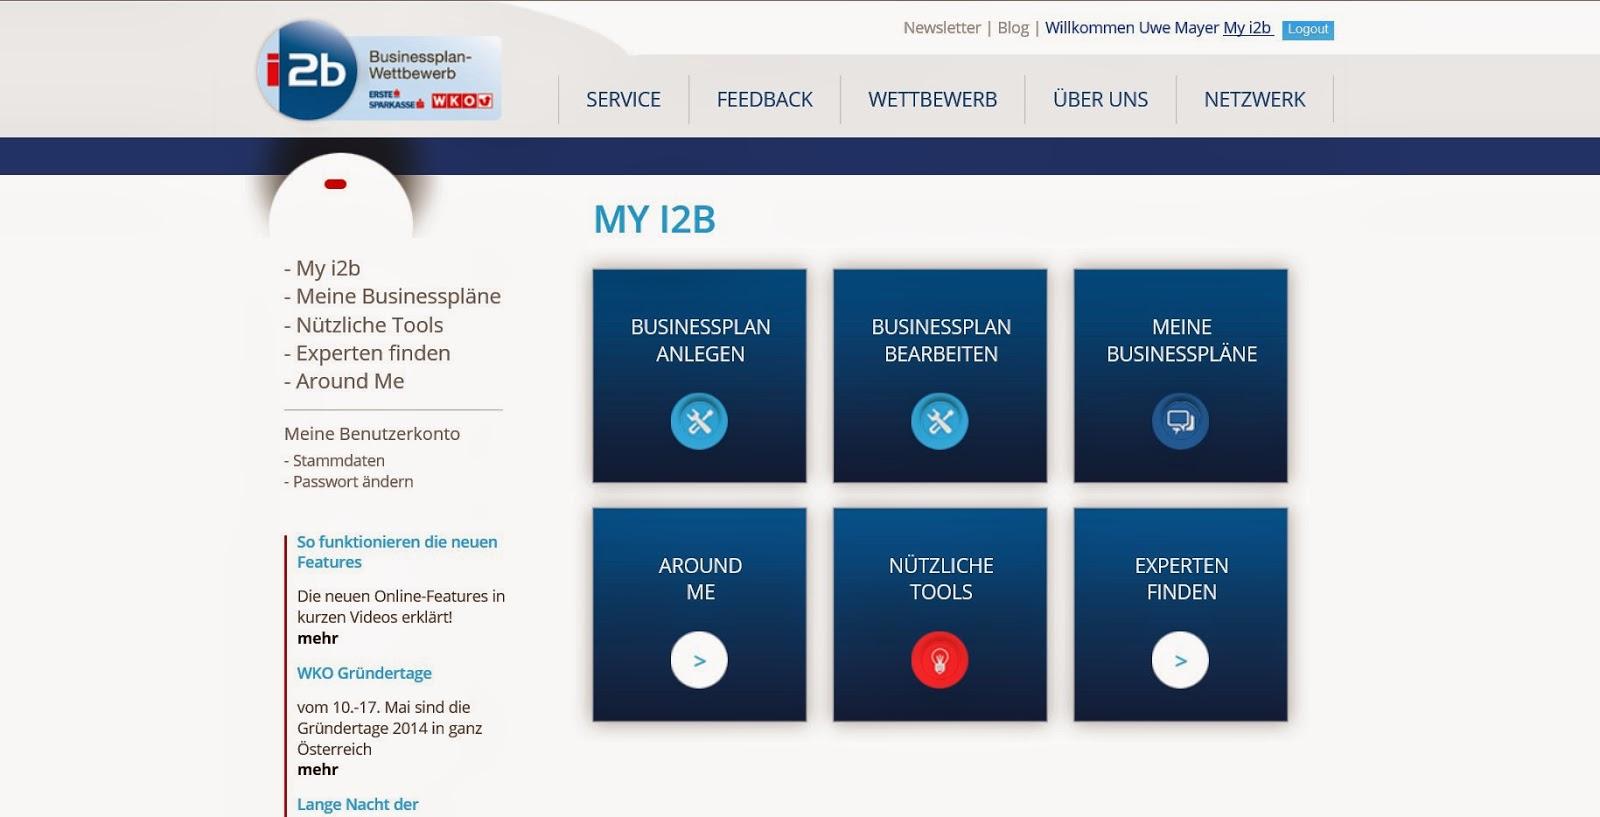 mayermayer relauncht i2b Webauftritt